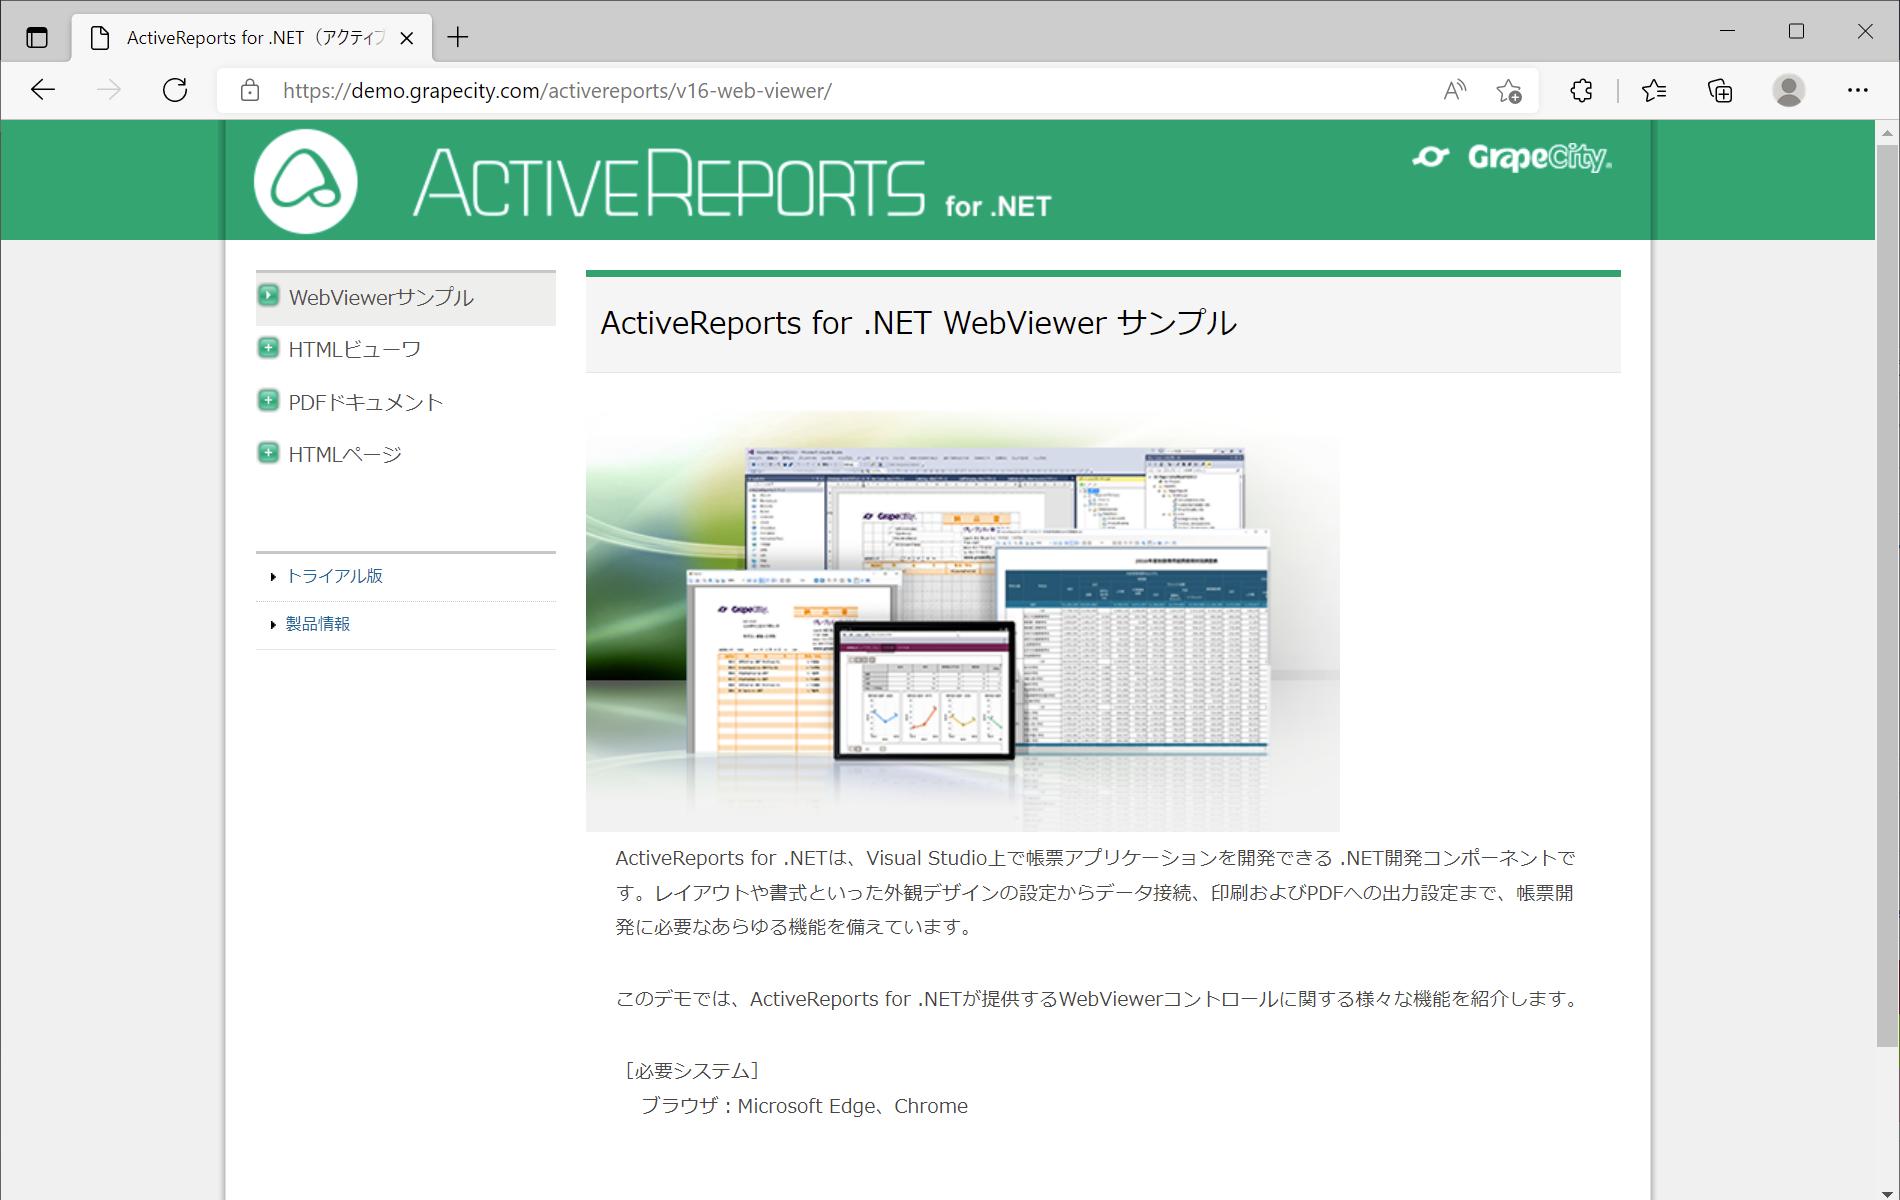 WebViewer基本機能